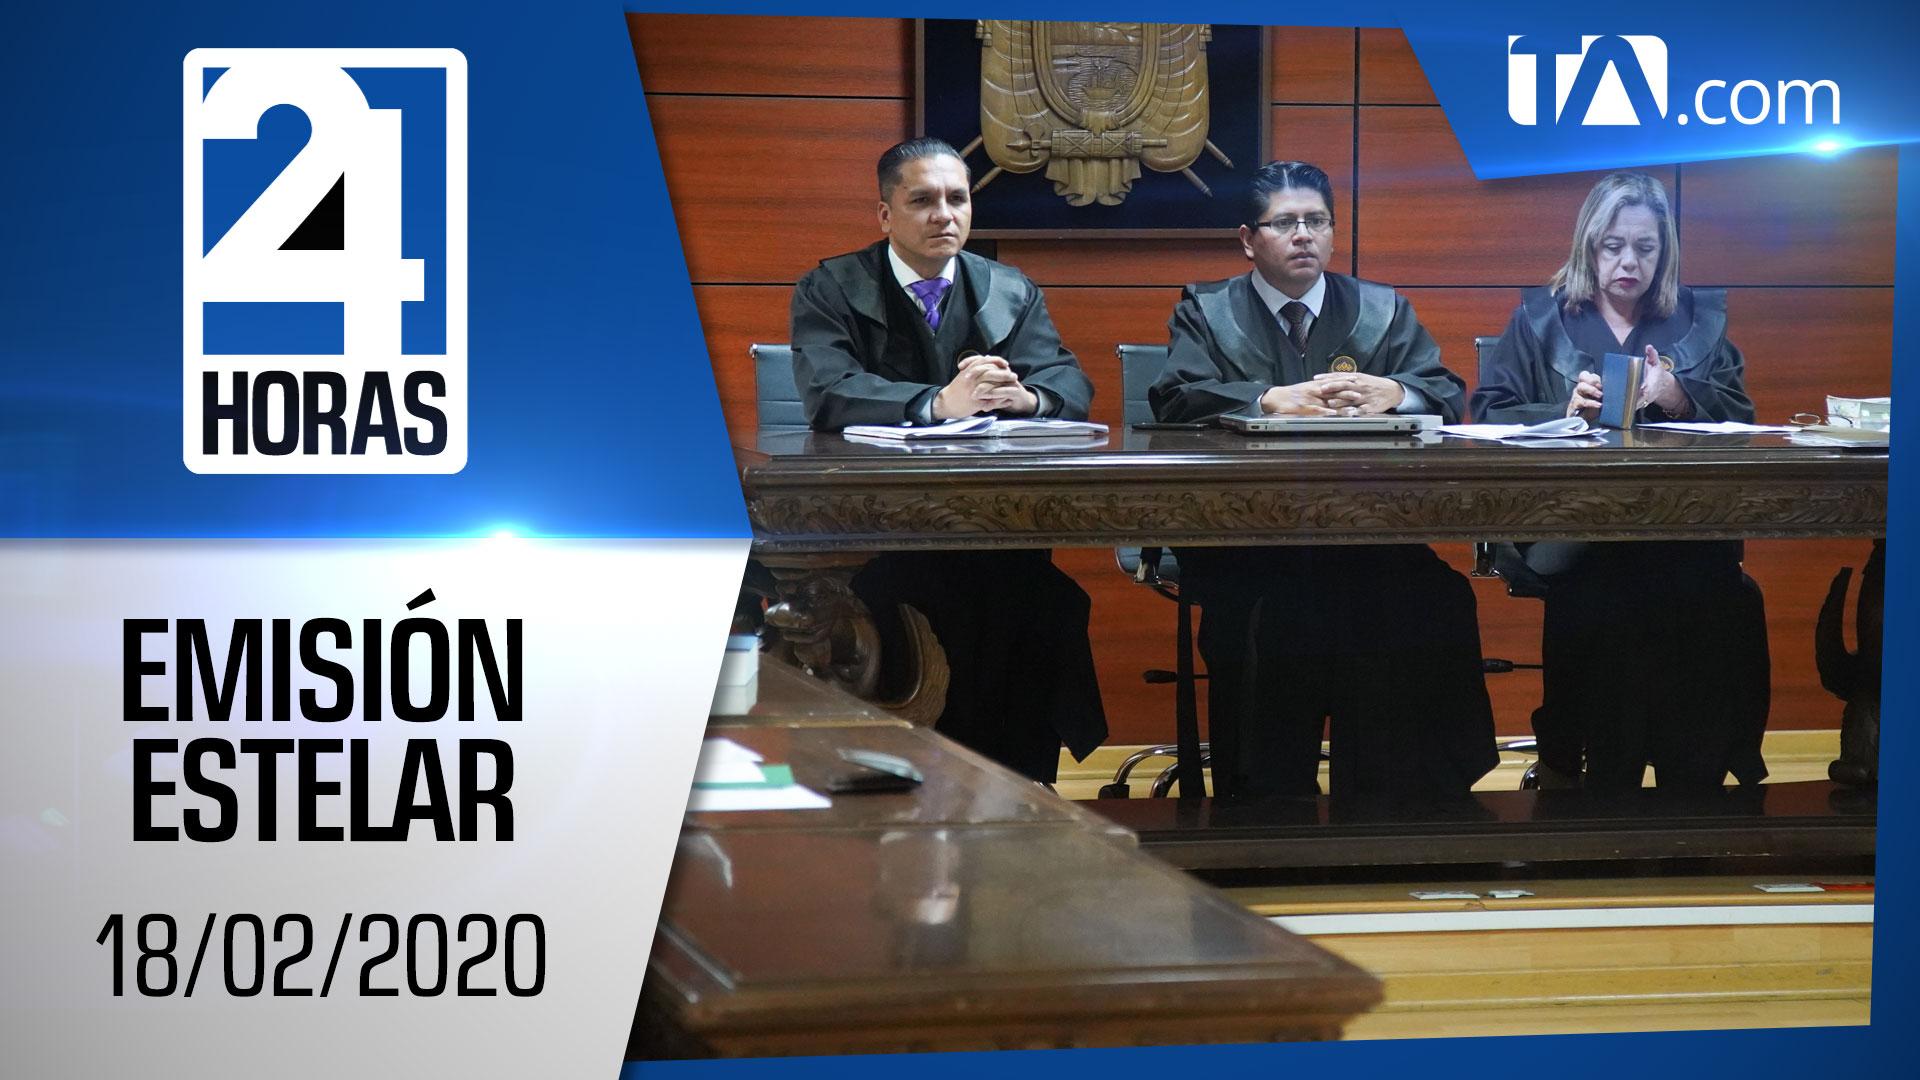 Noticias Ecuador: Noticiero 24 Horas, 18/02/2020 (Emisión Estelar)